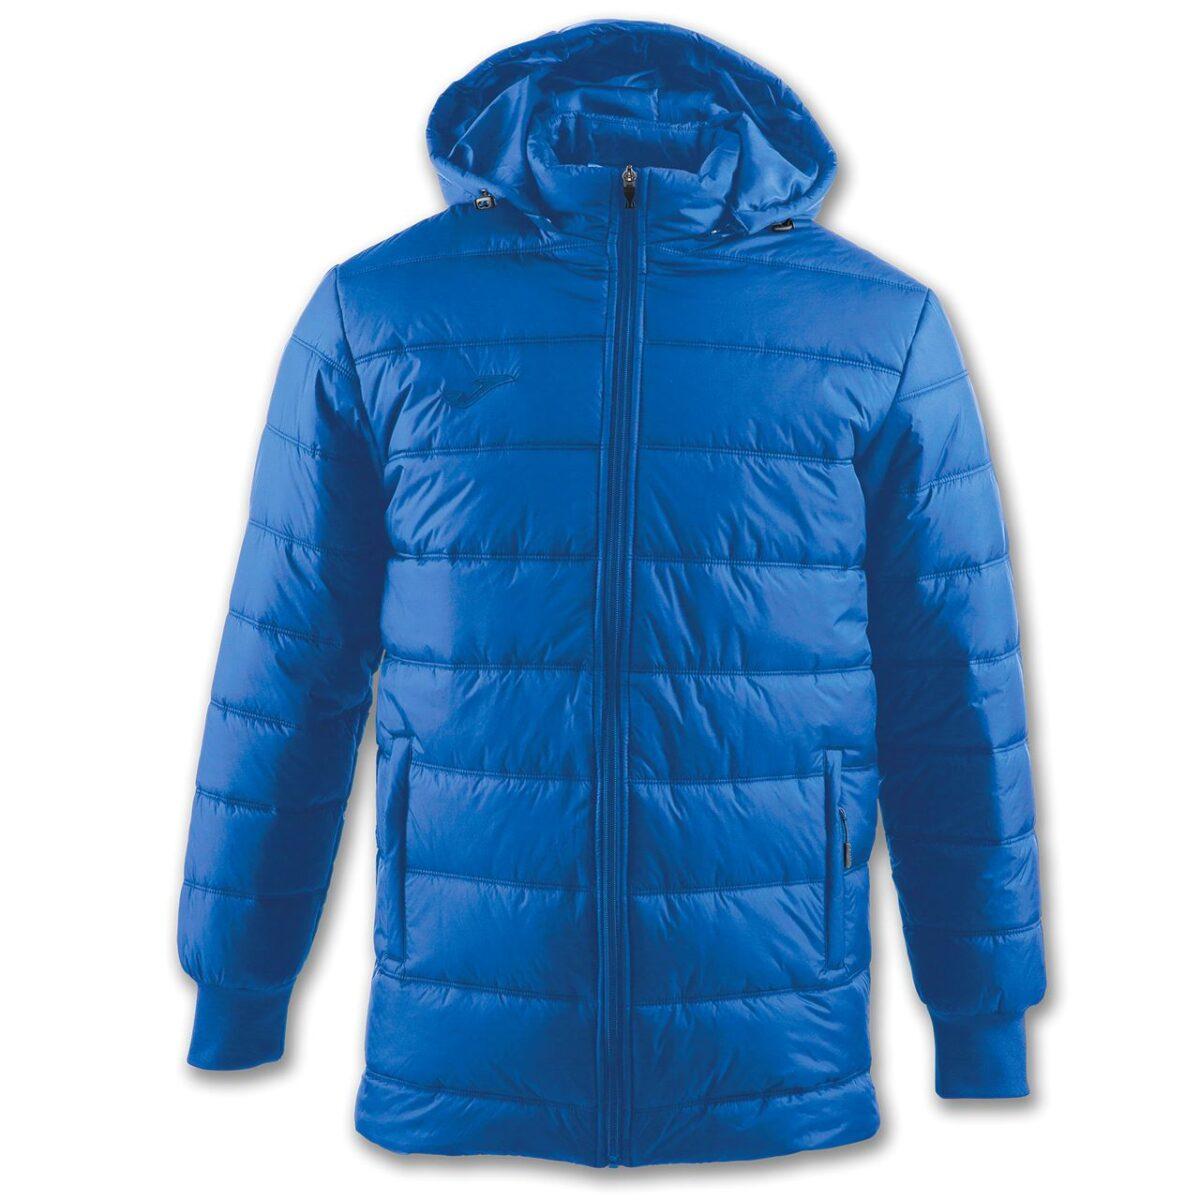 Joma Alaska Urban Jacket 100659 - Adult